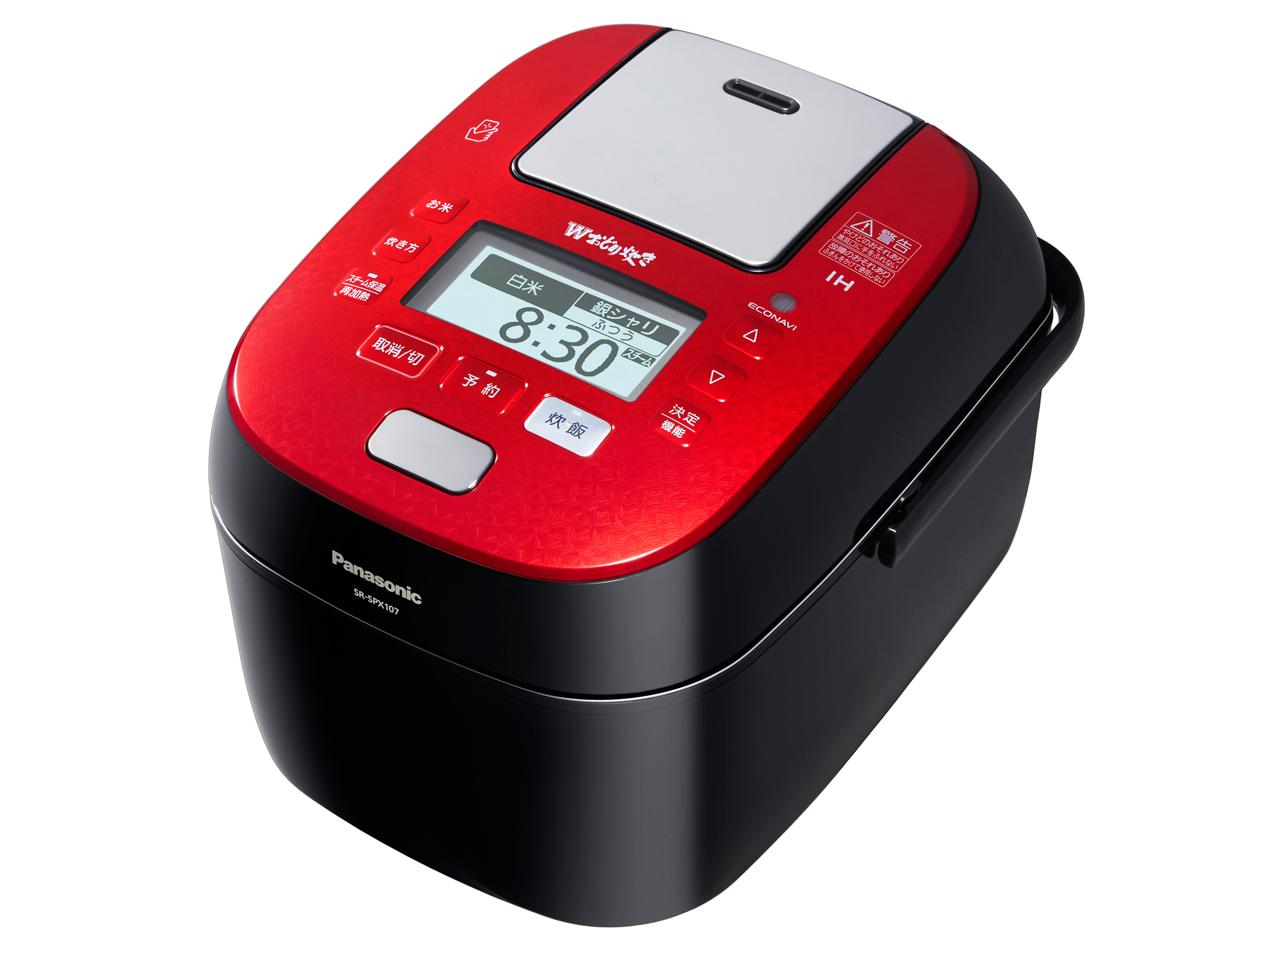 【新品】【送料無料】パナソニック 5.5合 炊飯器 圧力IH式 Wおどり炊き ルージュブラック SR-SPX107-RK